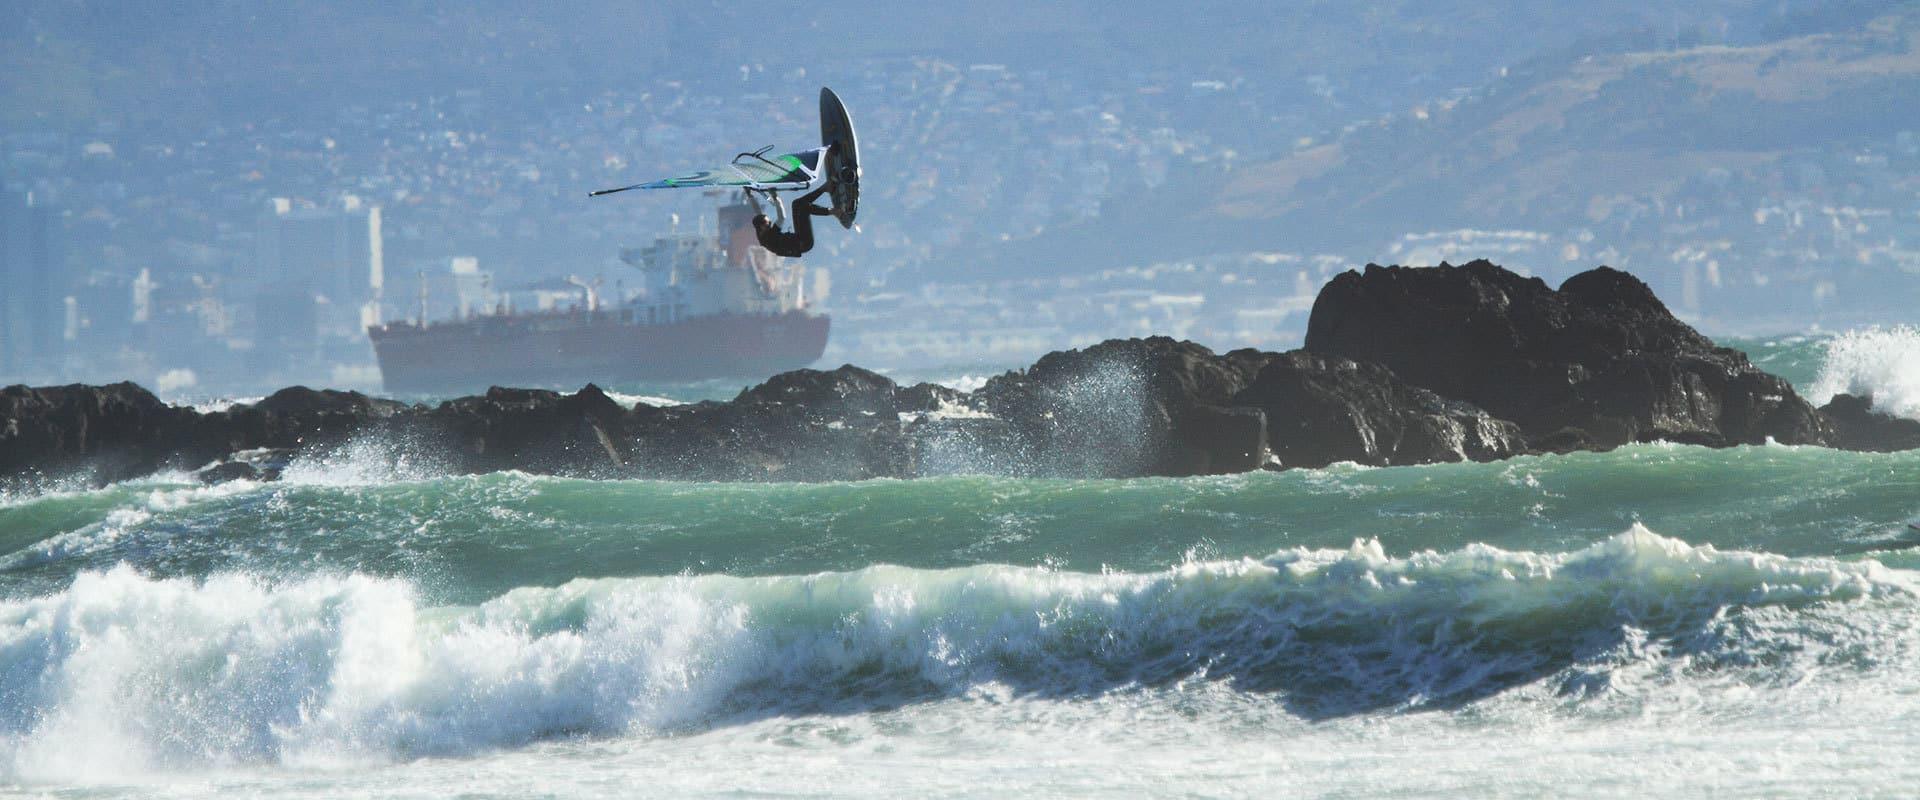 da Heim Sunset Beach Wellen und Surfer